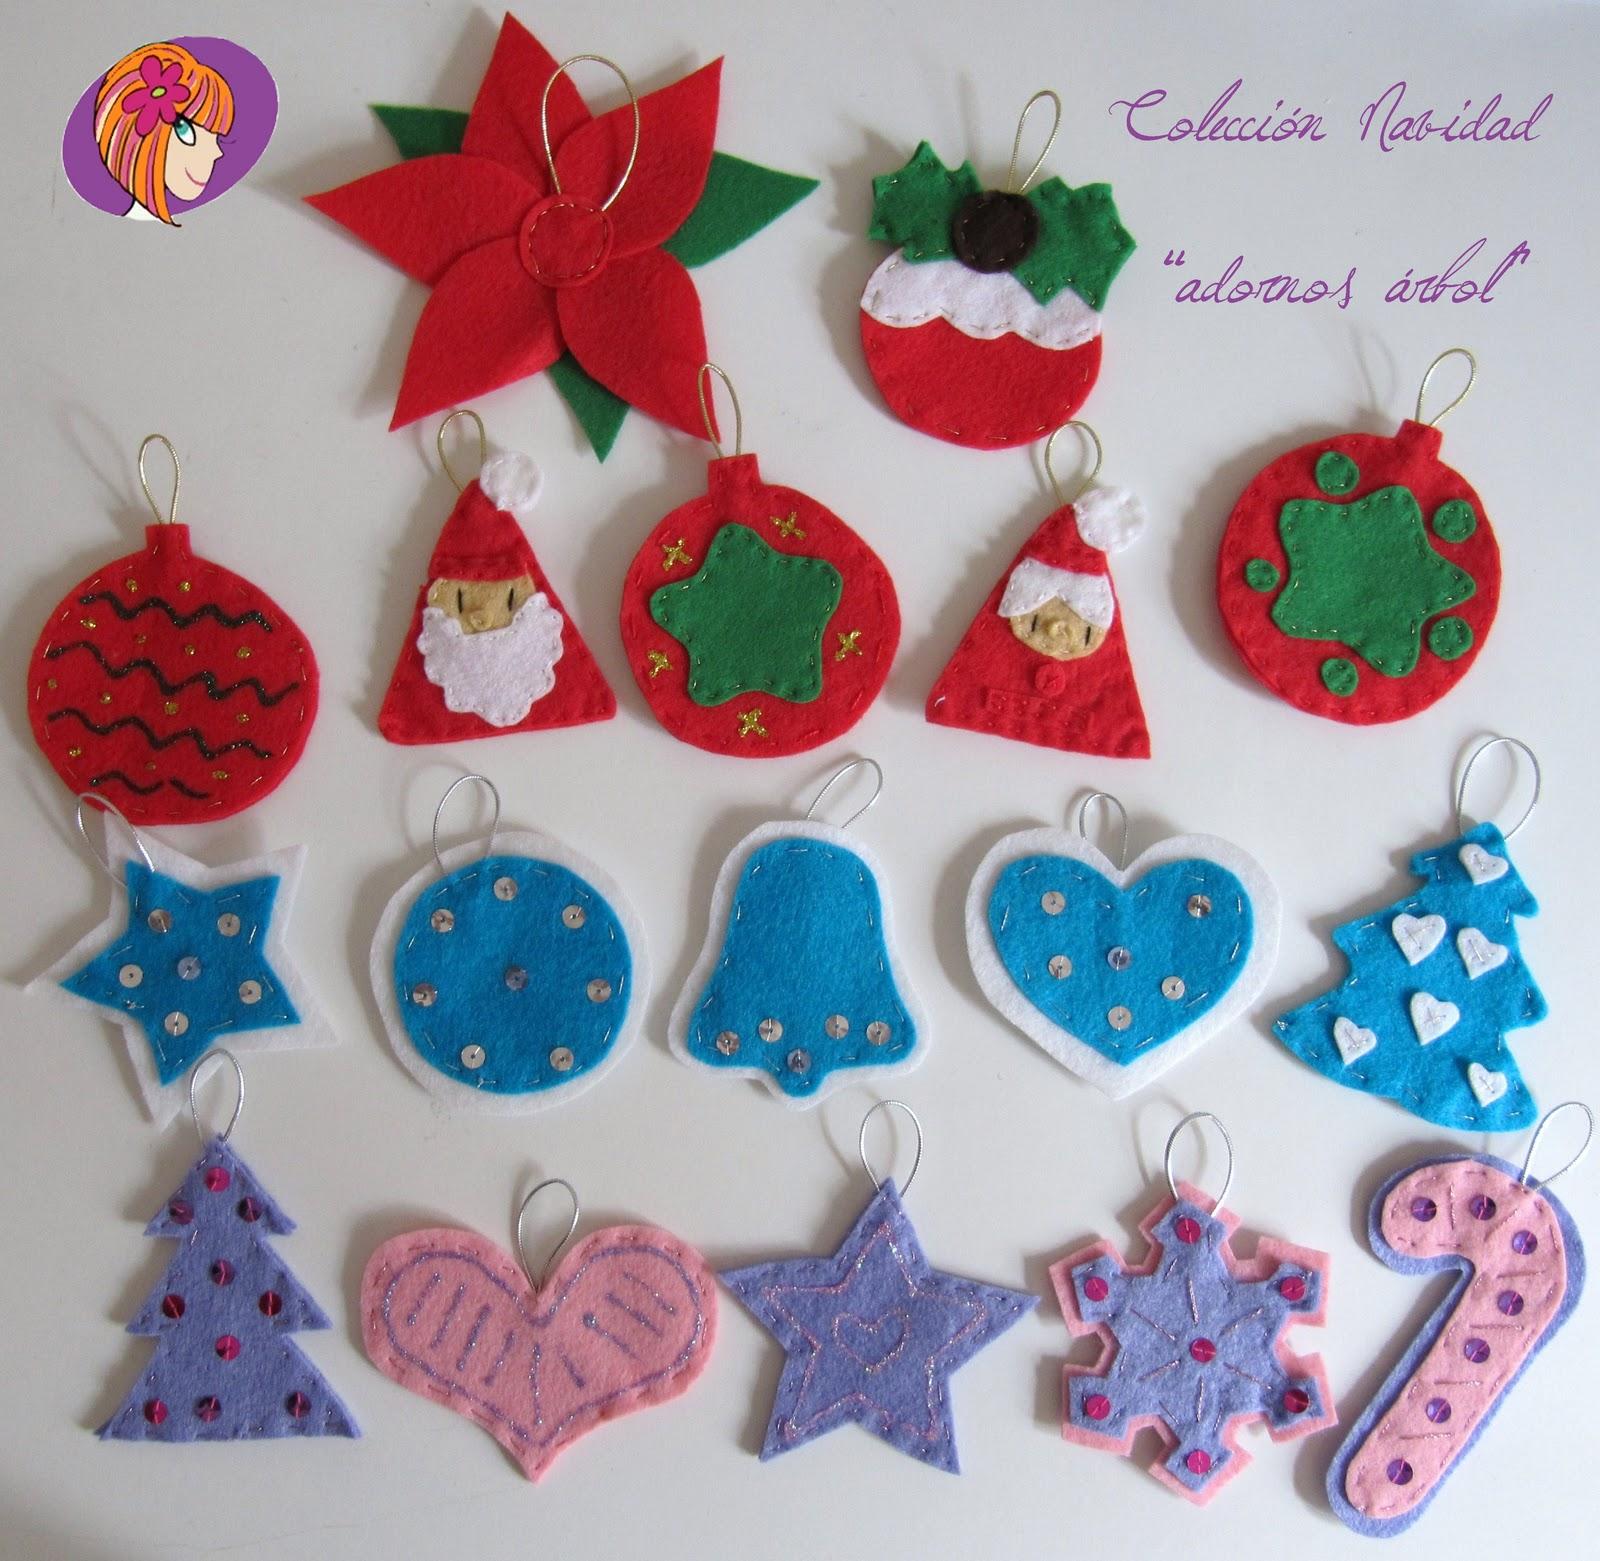 Todo tramadora colecci n navidad adornos rbol - Adornos de navidad hechos a mano por ninos ...